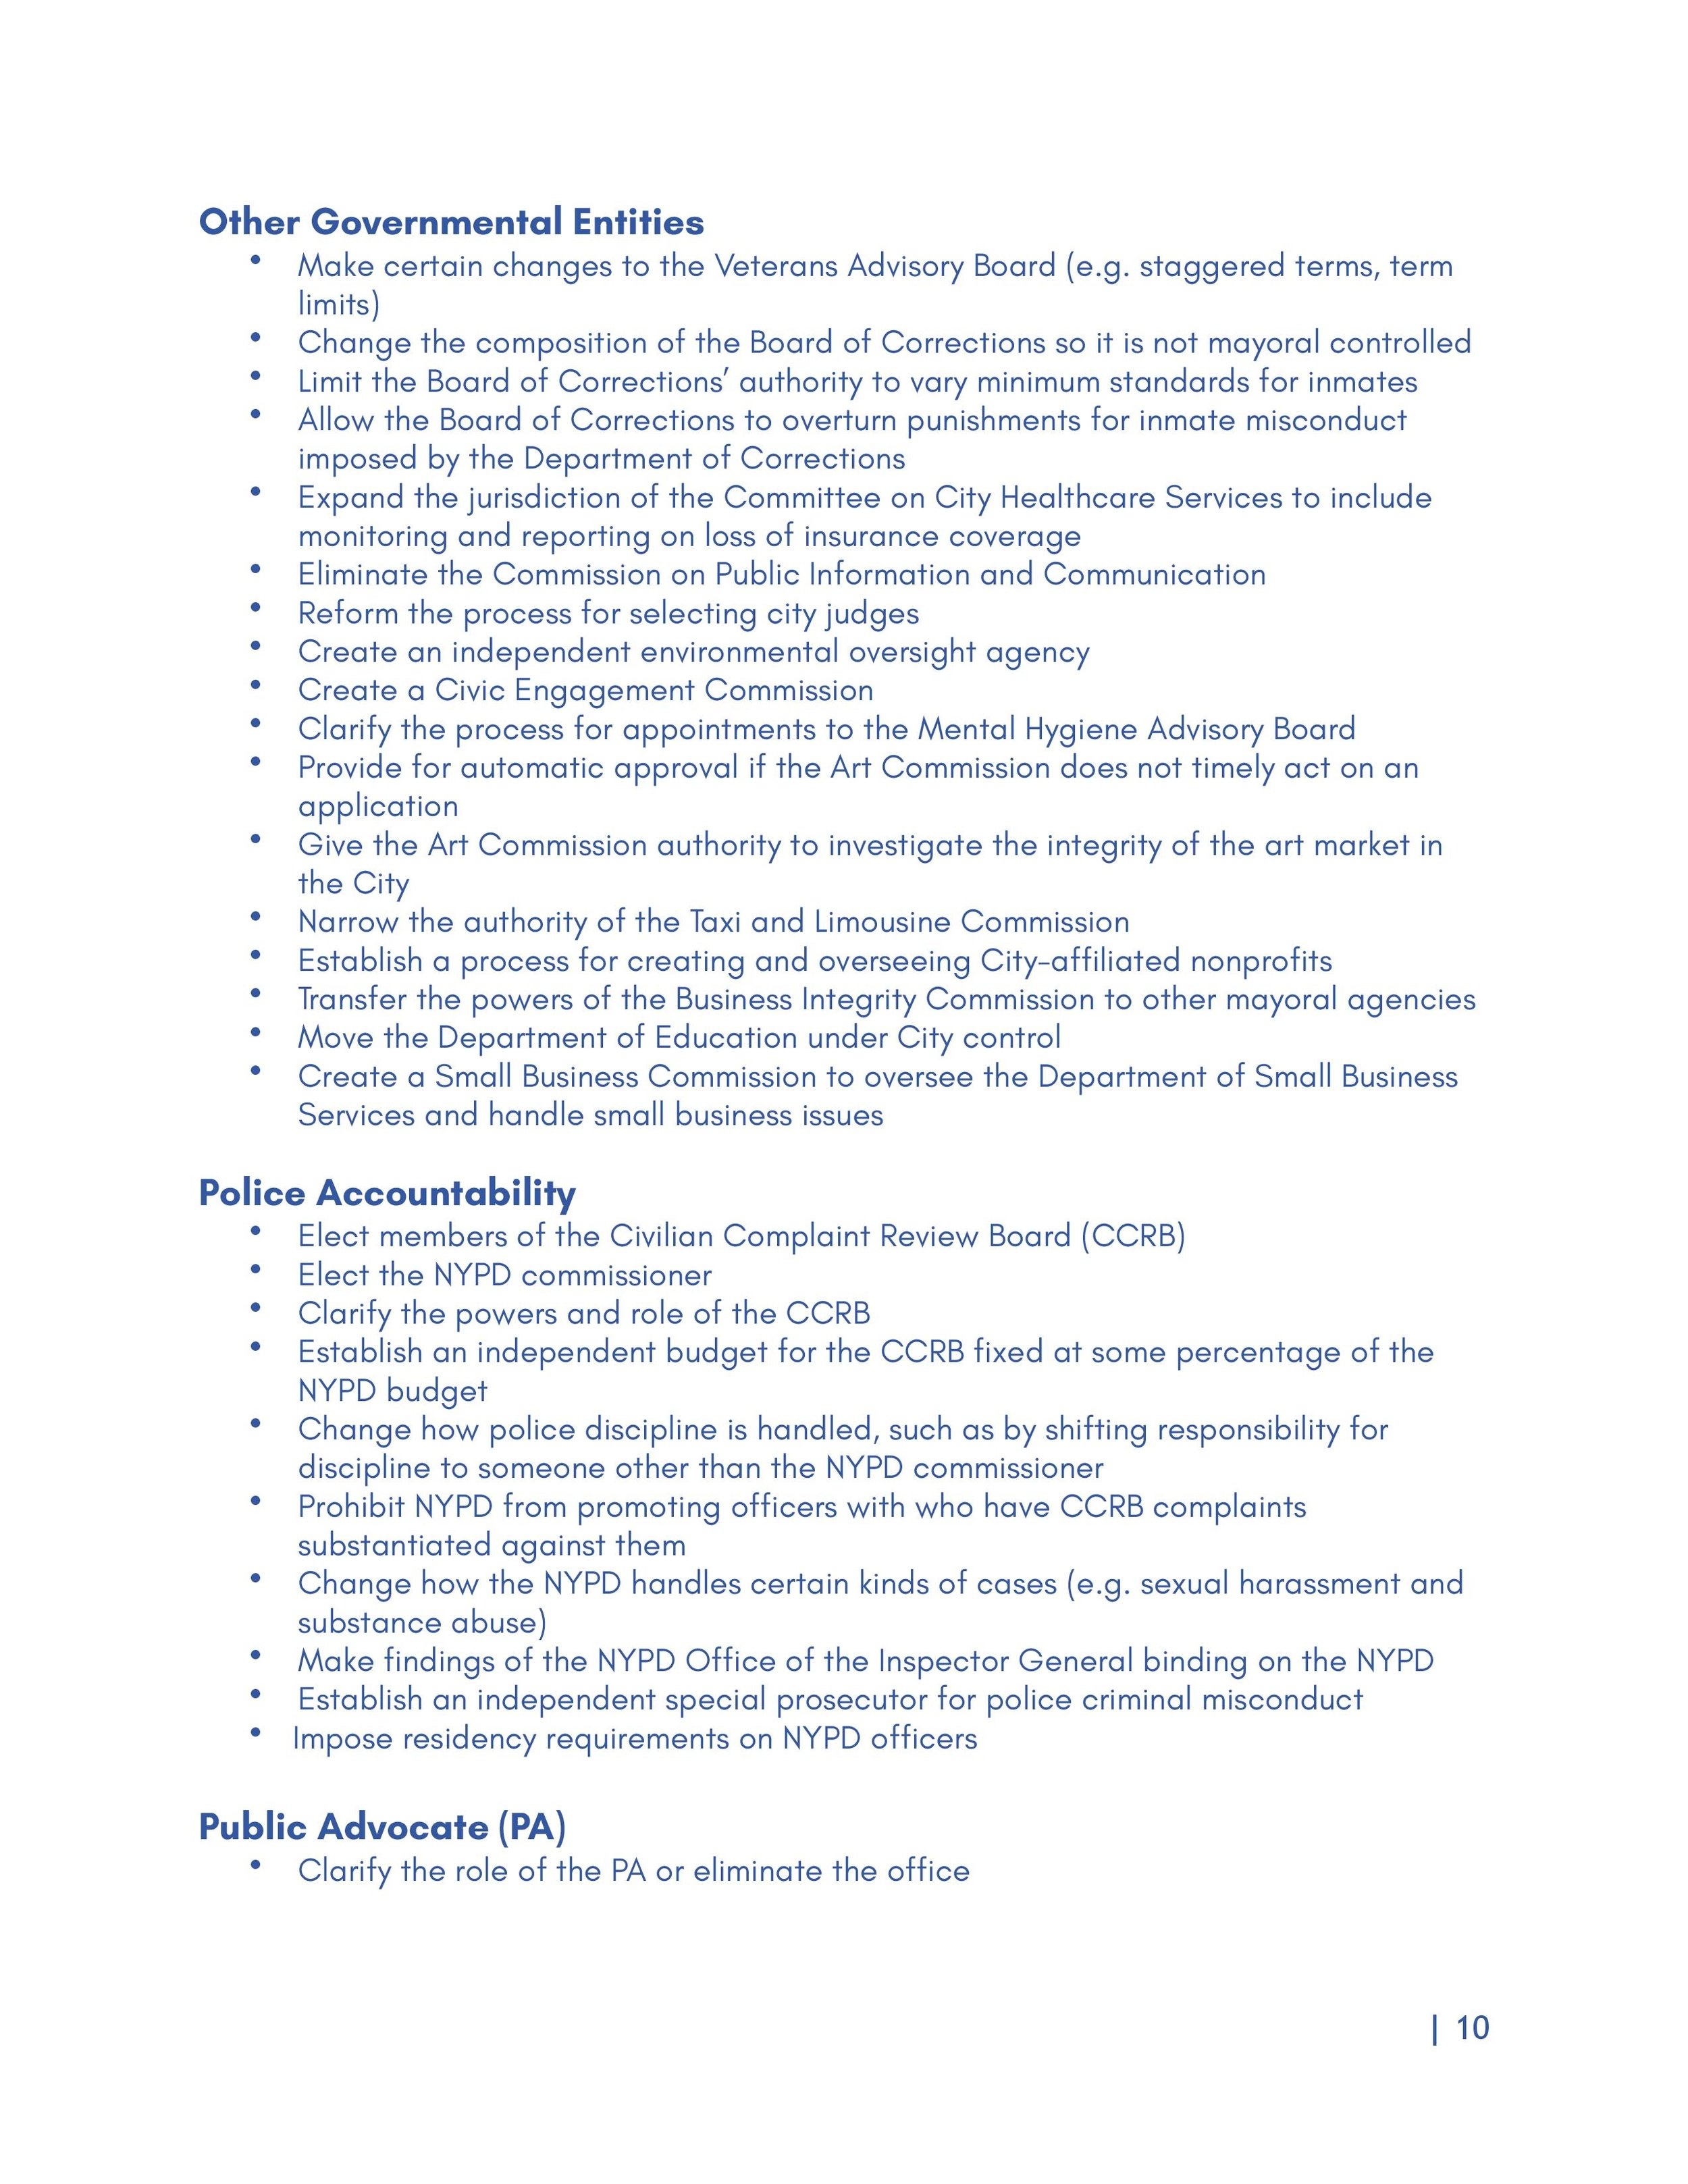 Proposals-page-010.jpg